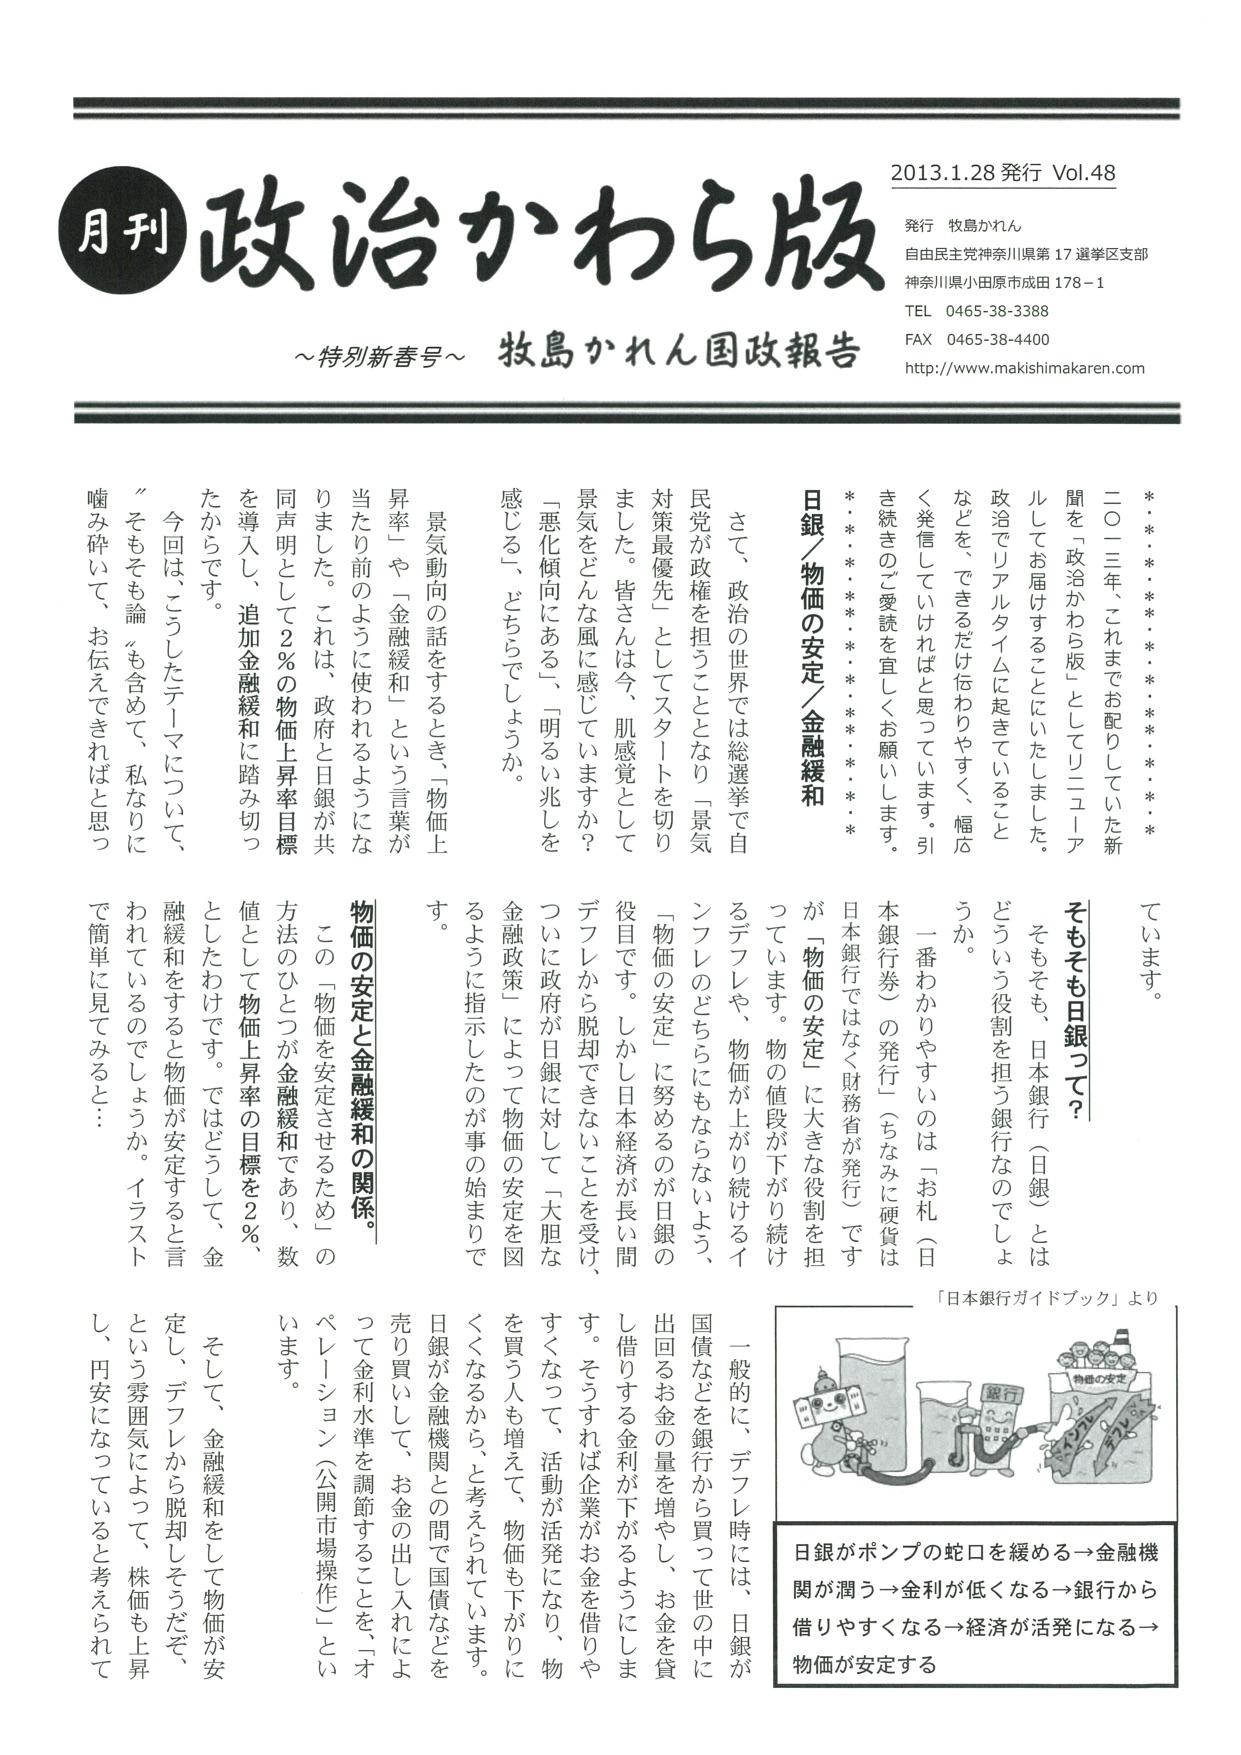 牧島かれん 政治かわら版特別新春号  Vol.48